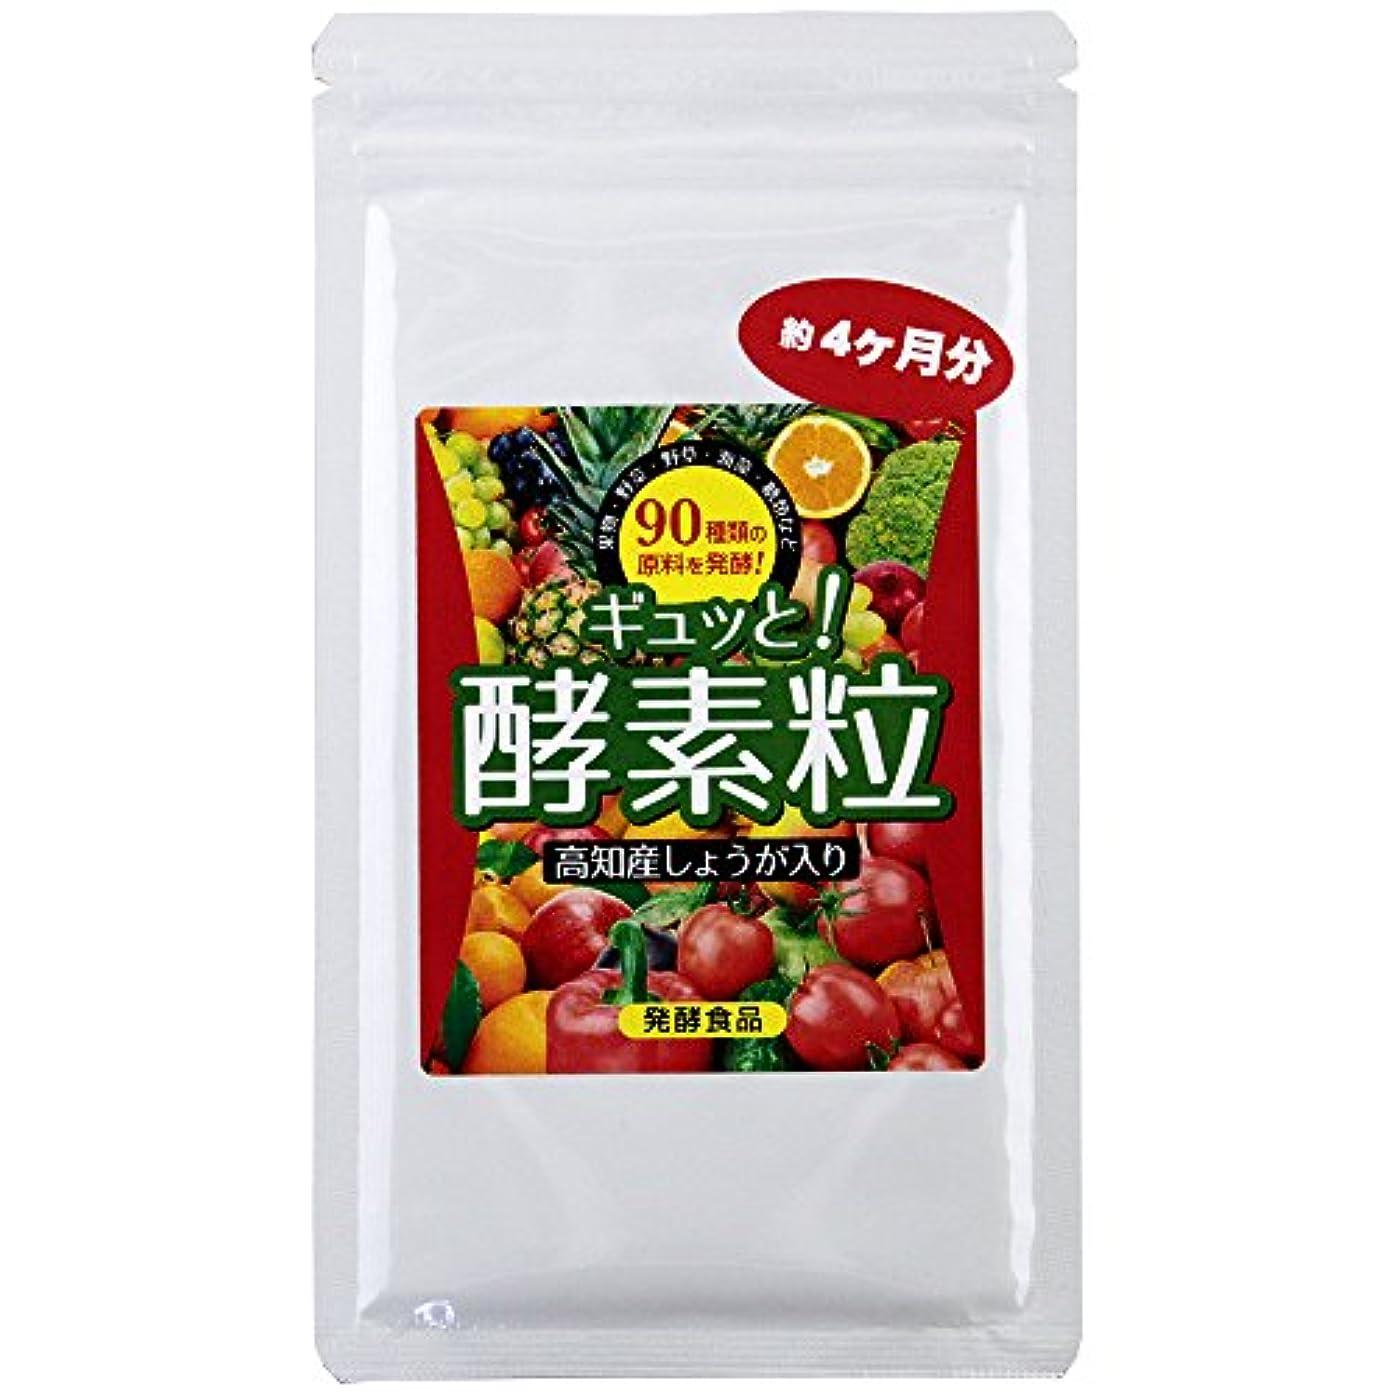 野草発酵 ギュッと酵素粒 90種類の野草発酵エキス (約120日分 (440mg×120粒))